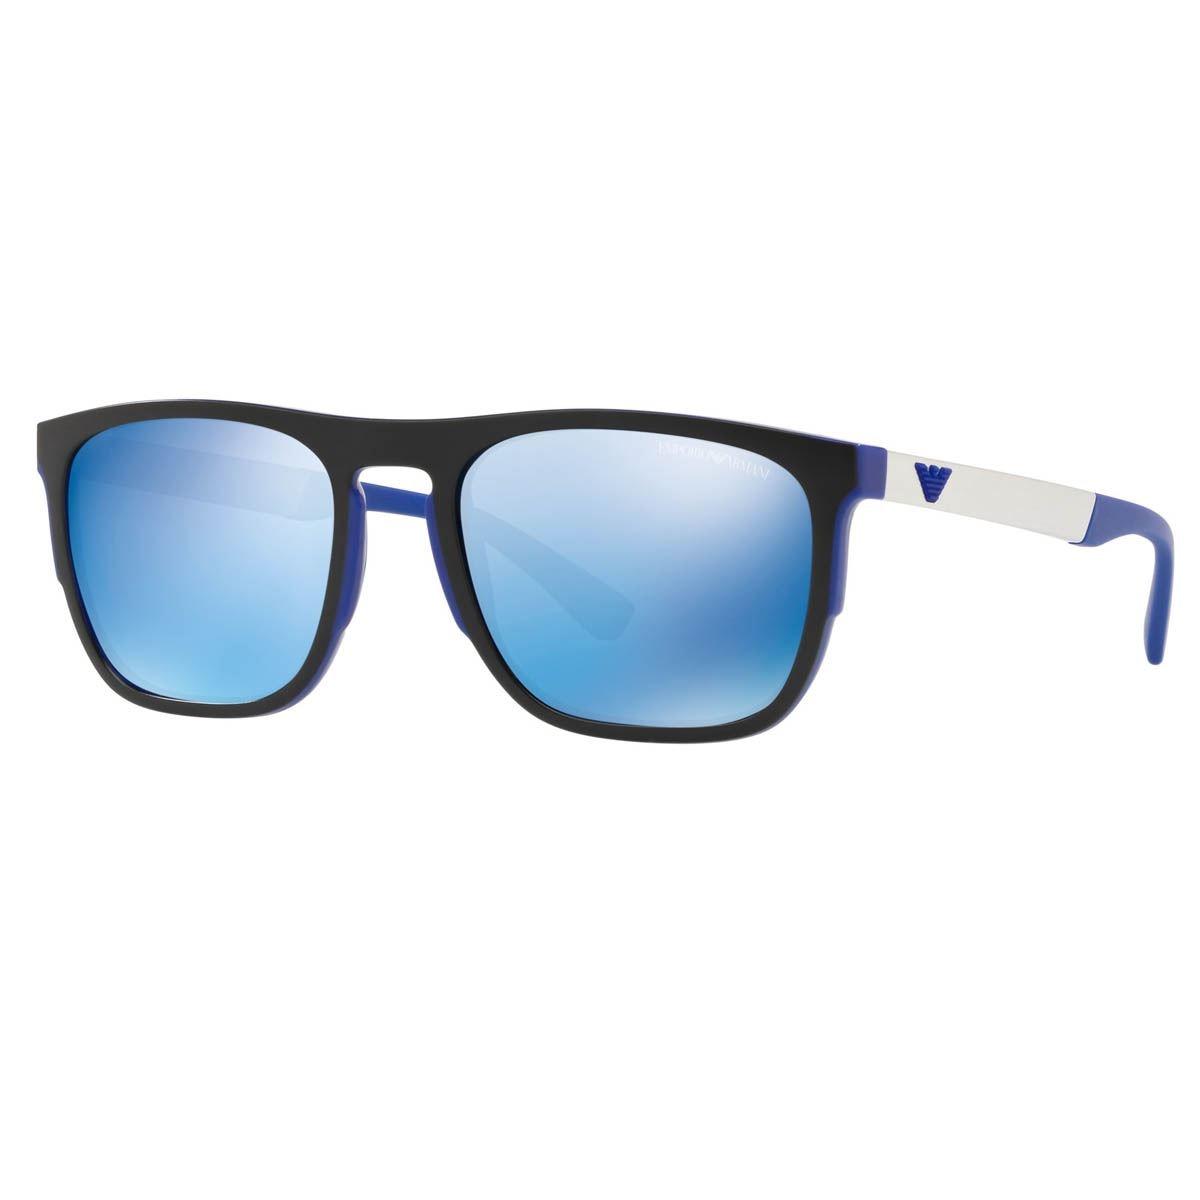 Lente solar Emporio Armani espejeado armazón azul